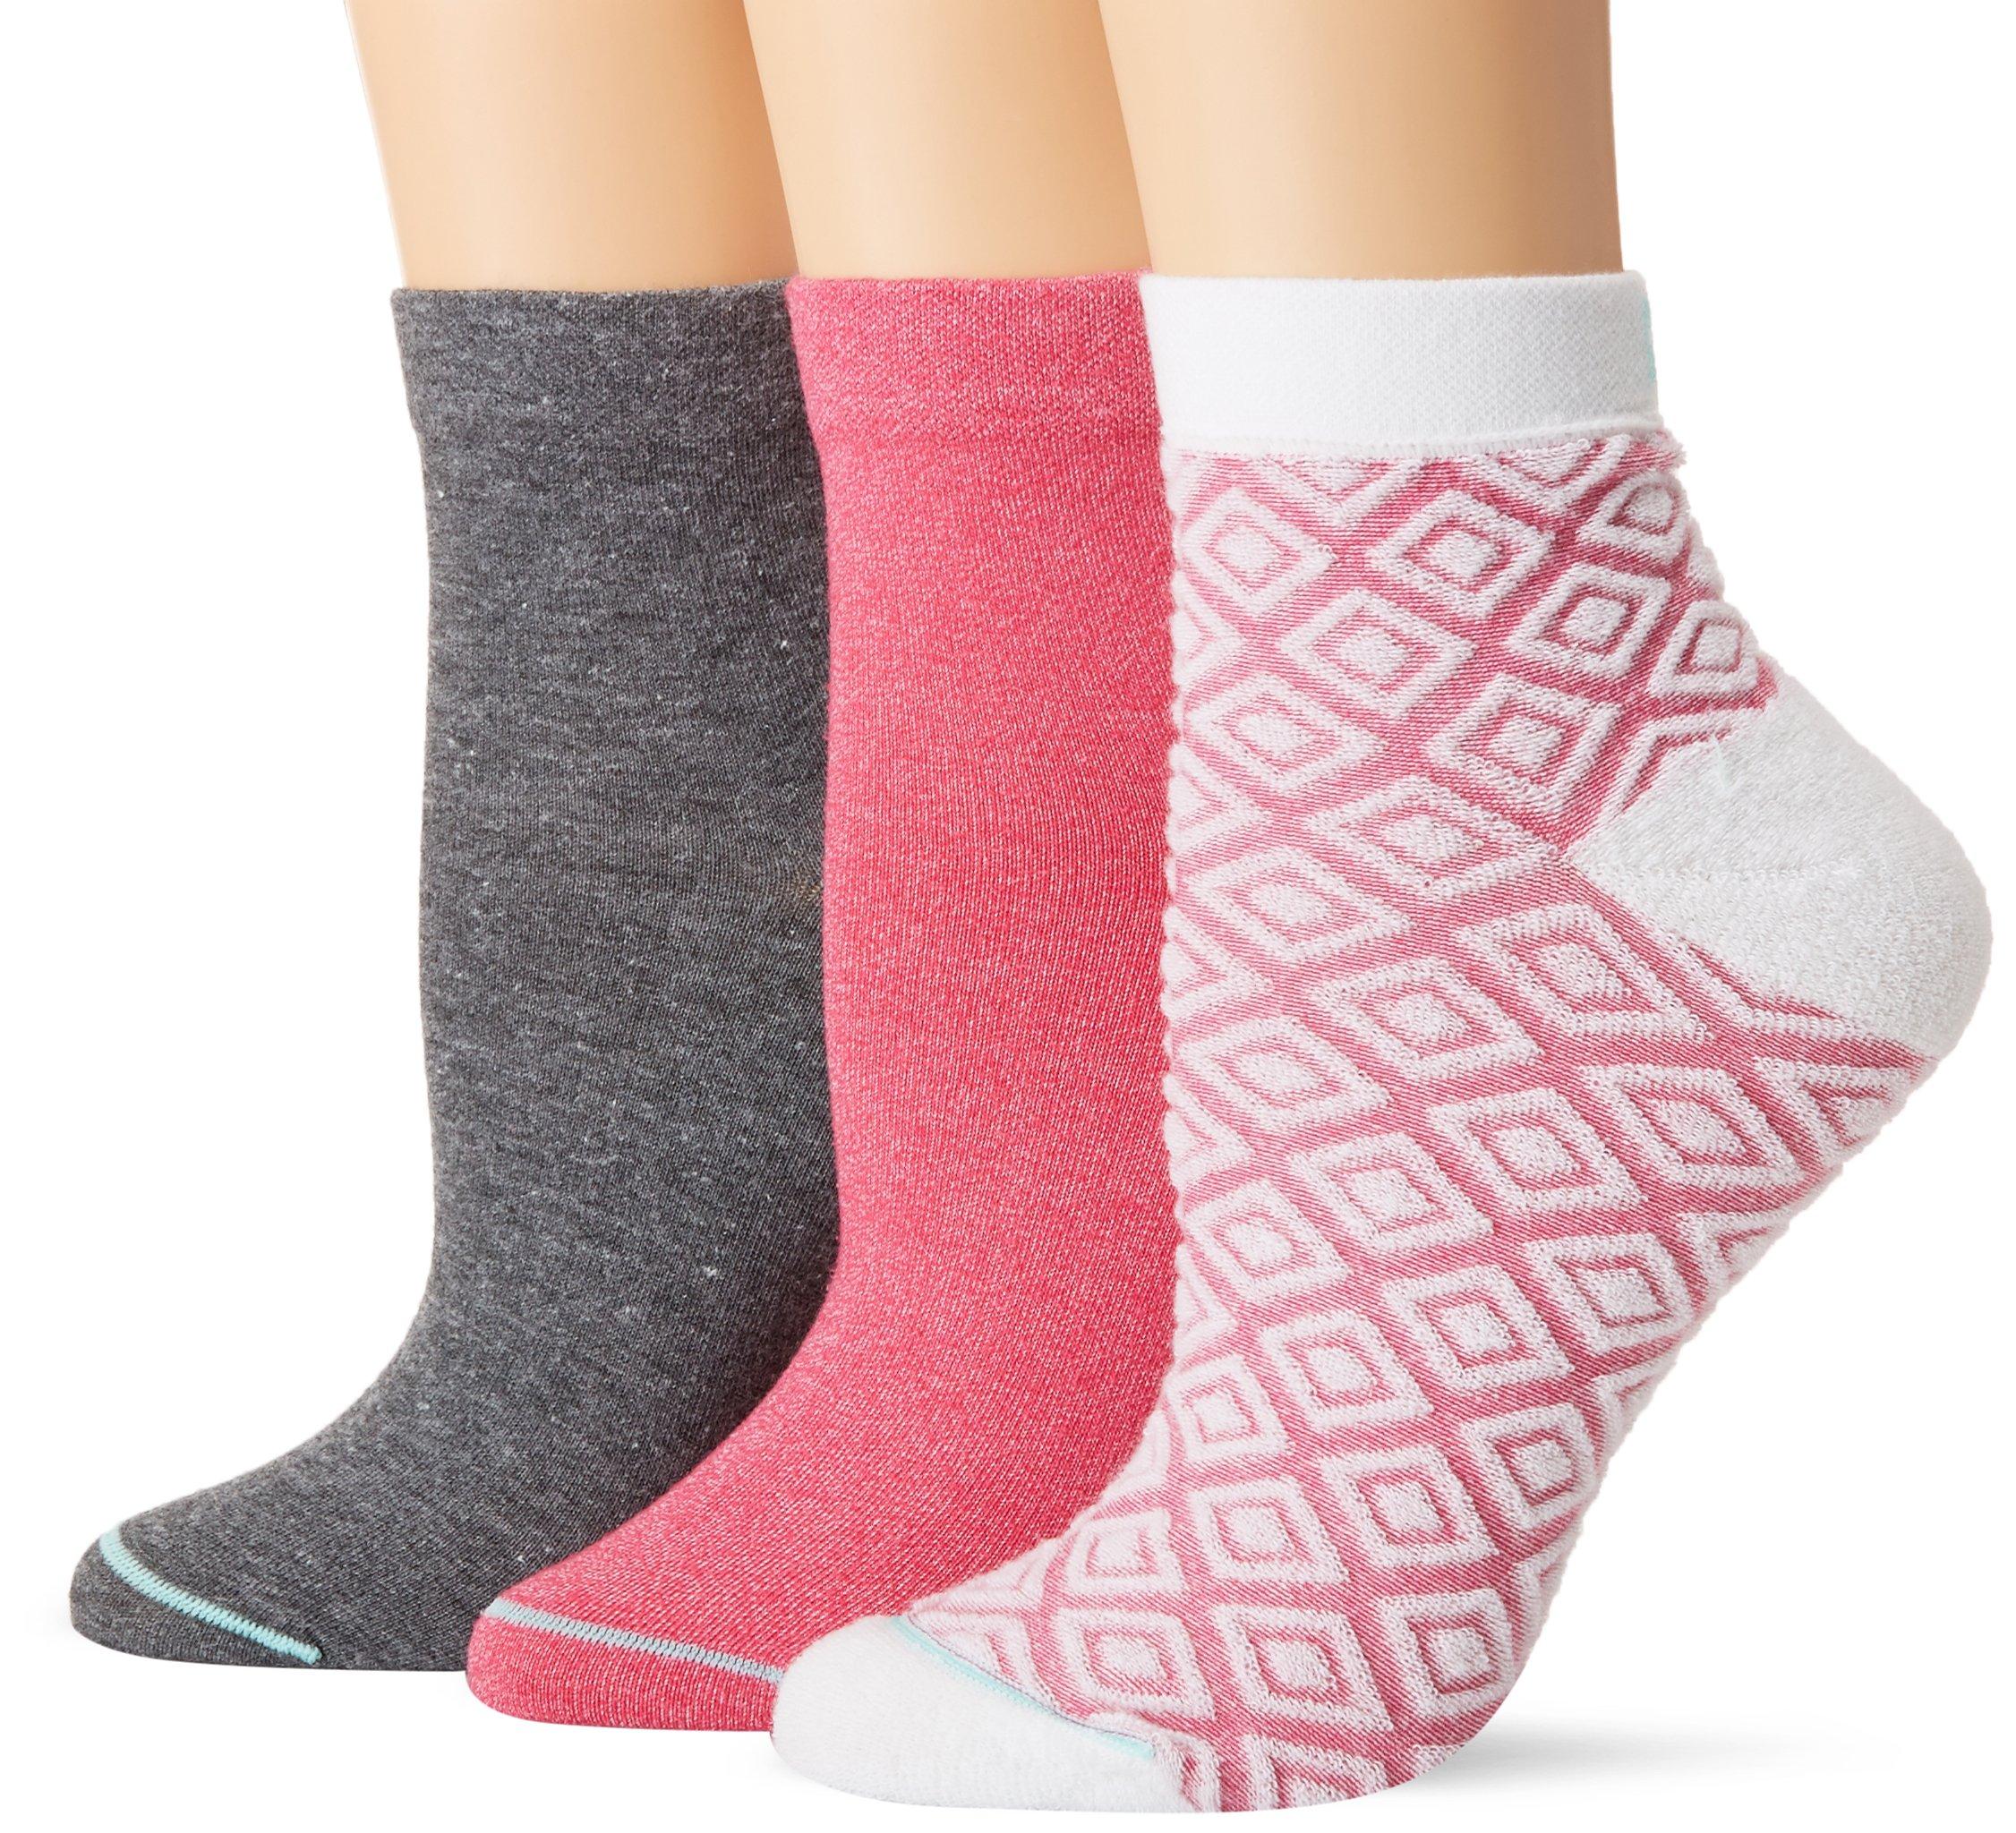 HUE Women's Green Repreve Diamond Knit Quarter Top Socks, 3 Pair Pack, Pink Flirt Pack, One Size